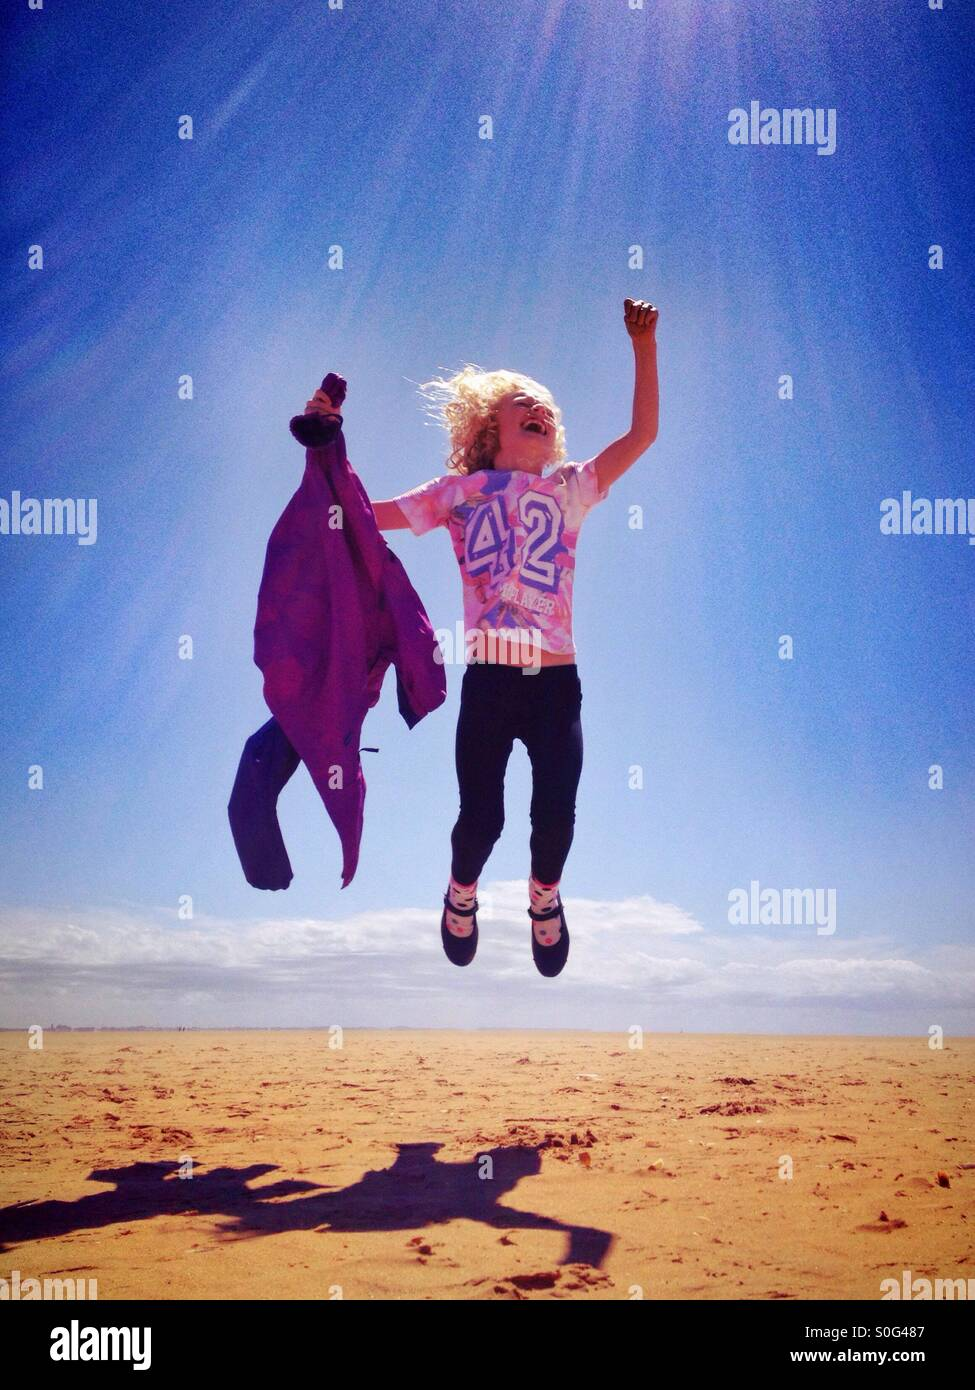 Ragazza giovane salti di gioia sulla spiaggia Immagini Stock